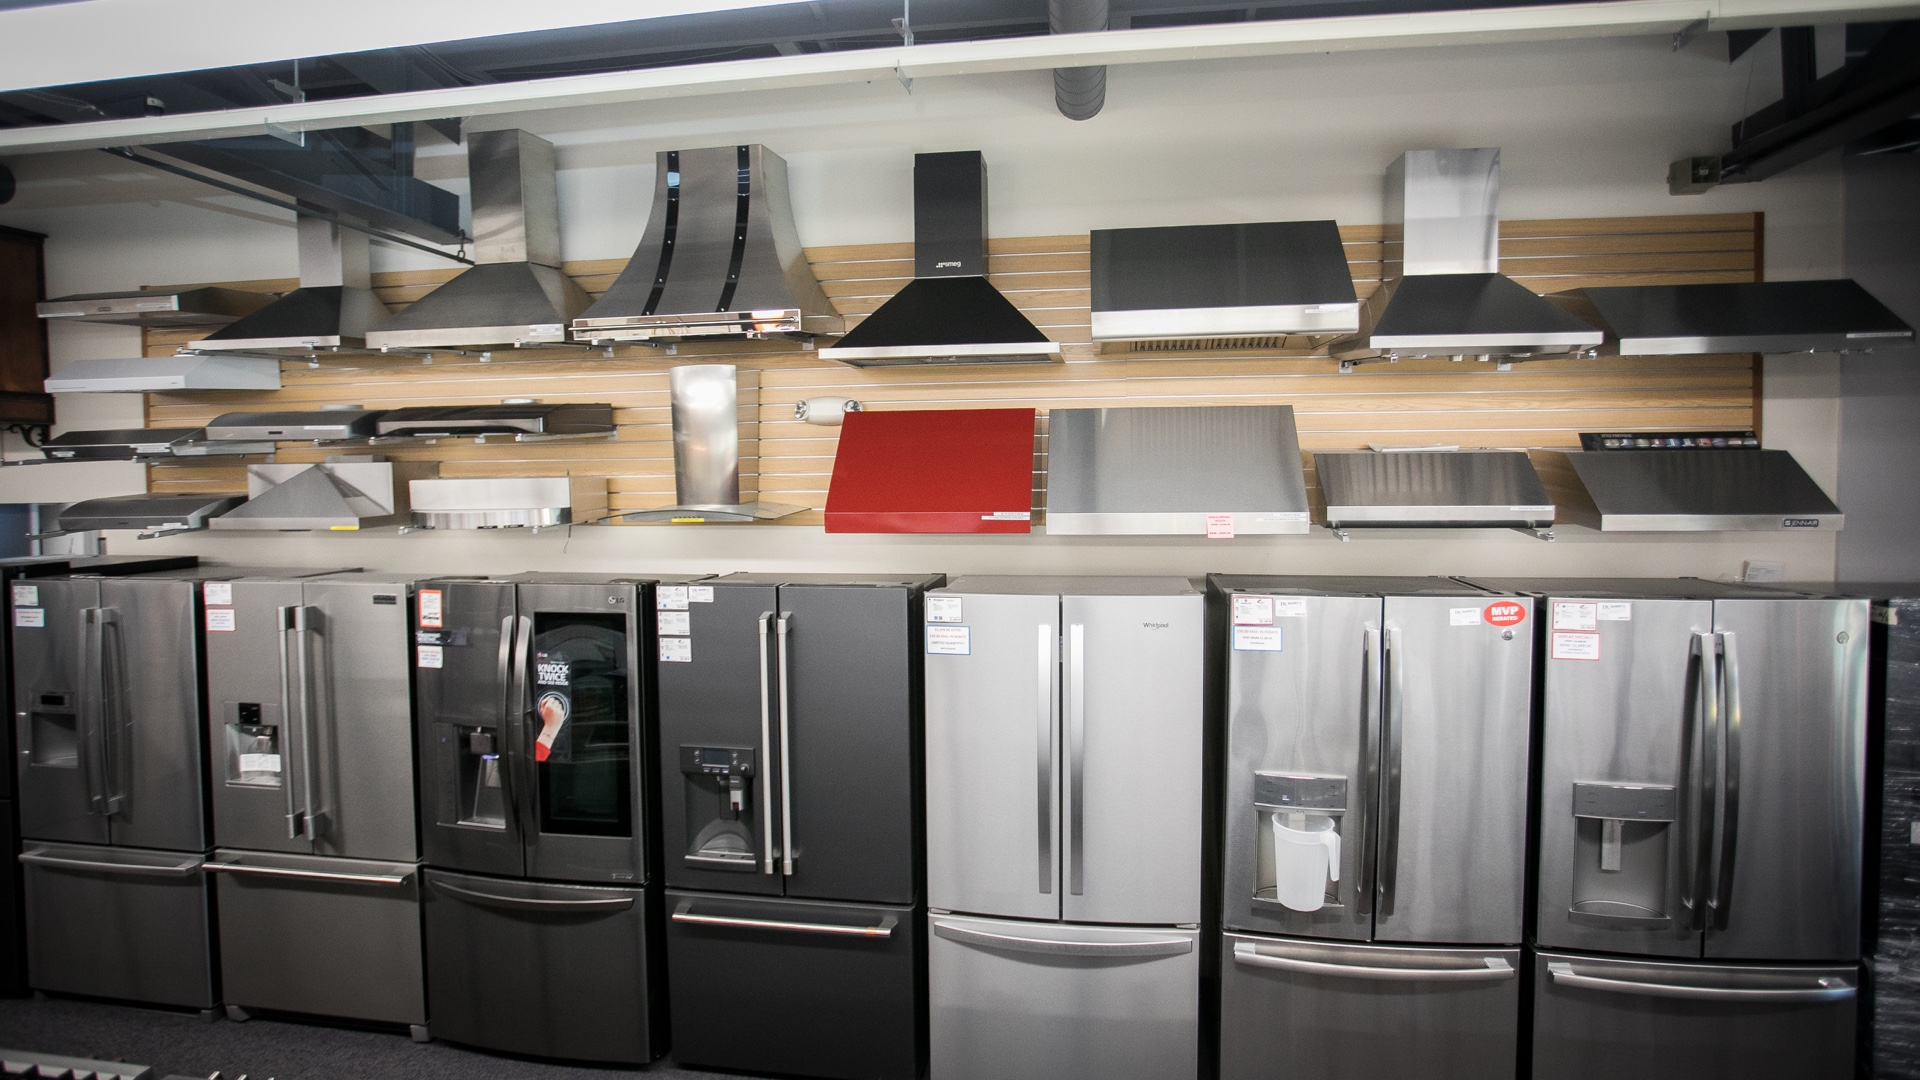 Barrys Appliances 20